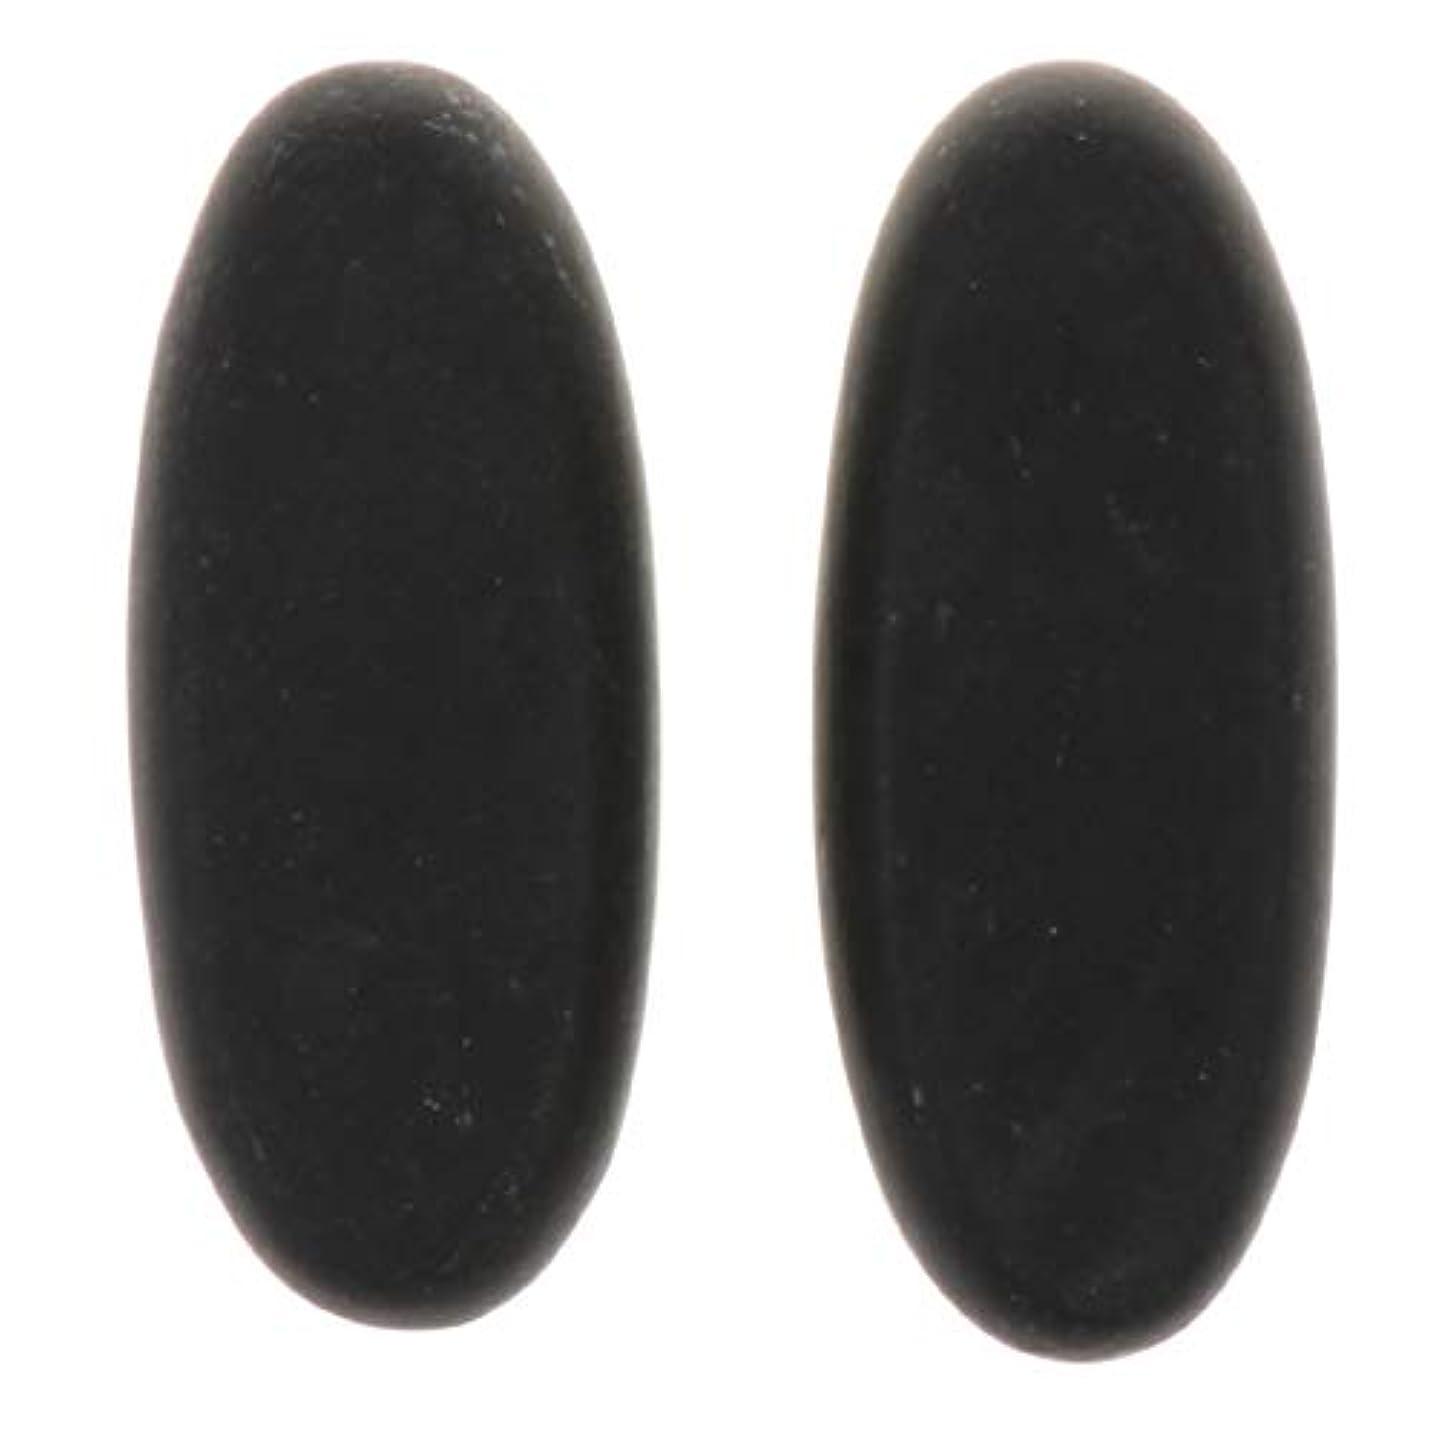 絶えずアセンブリトラックP Prettyia マッサージストーン マッサージ石 天然石ホットストーン マッサージ用玄武岩 ツボ押し SPA 2個 全2サイズ - 8×3.2×1.5cm